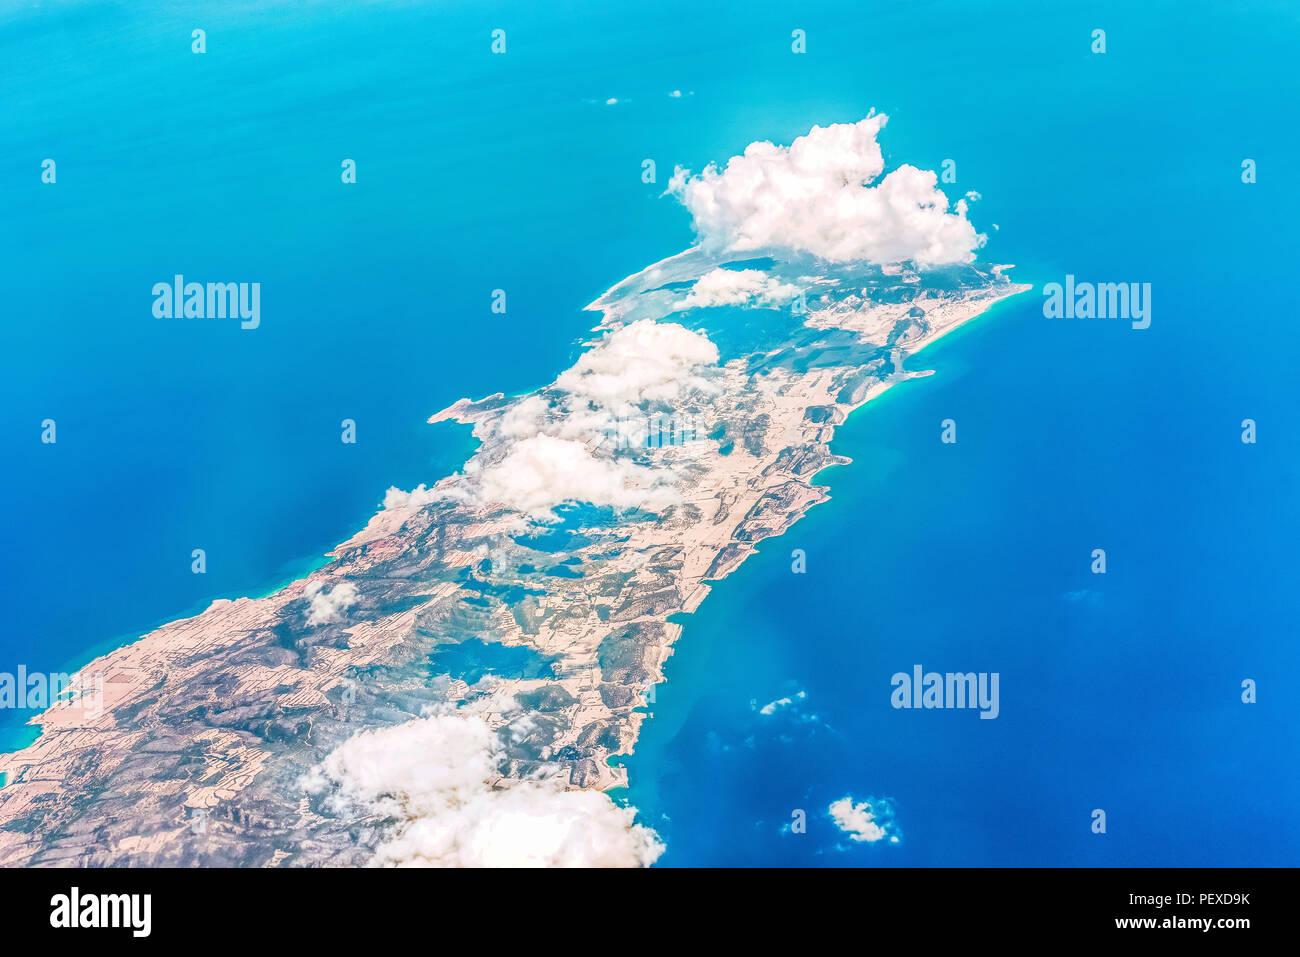 Vista desde el avión al cabo del noreste de la isla de Chipre. Imagen De Stock